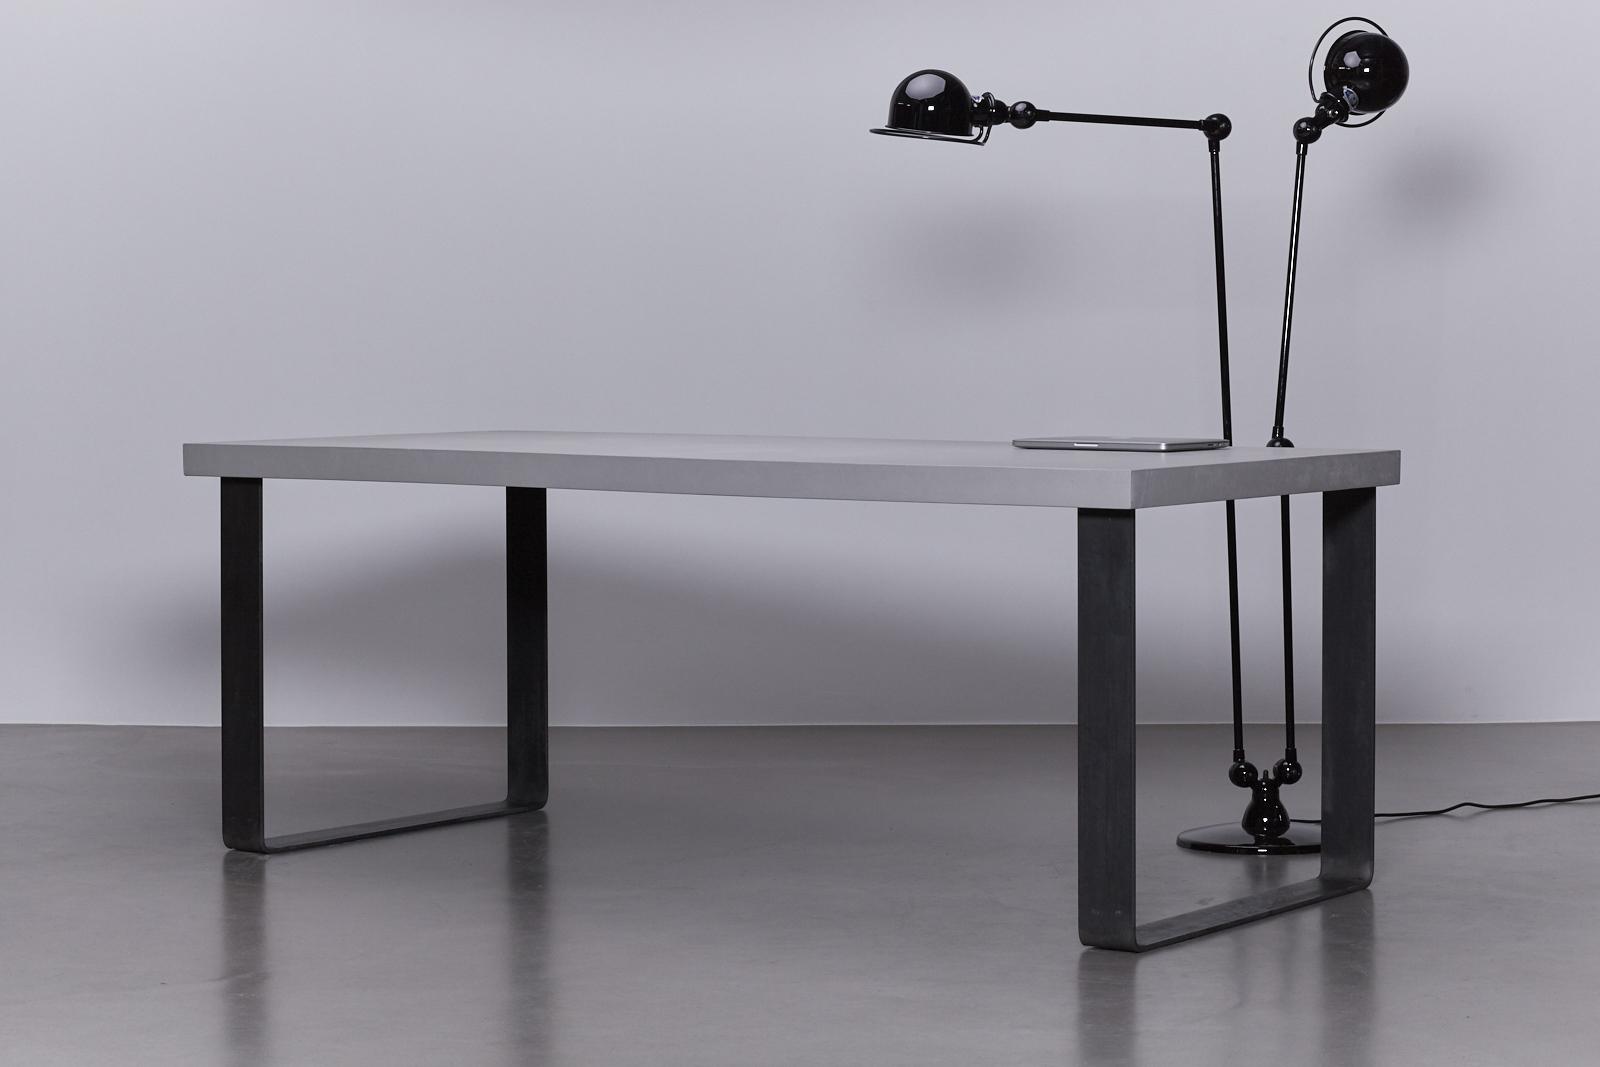 Betonlook tafelblad maken in beton cire afgewerkt with betonlook